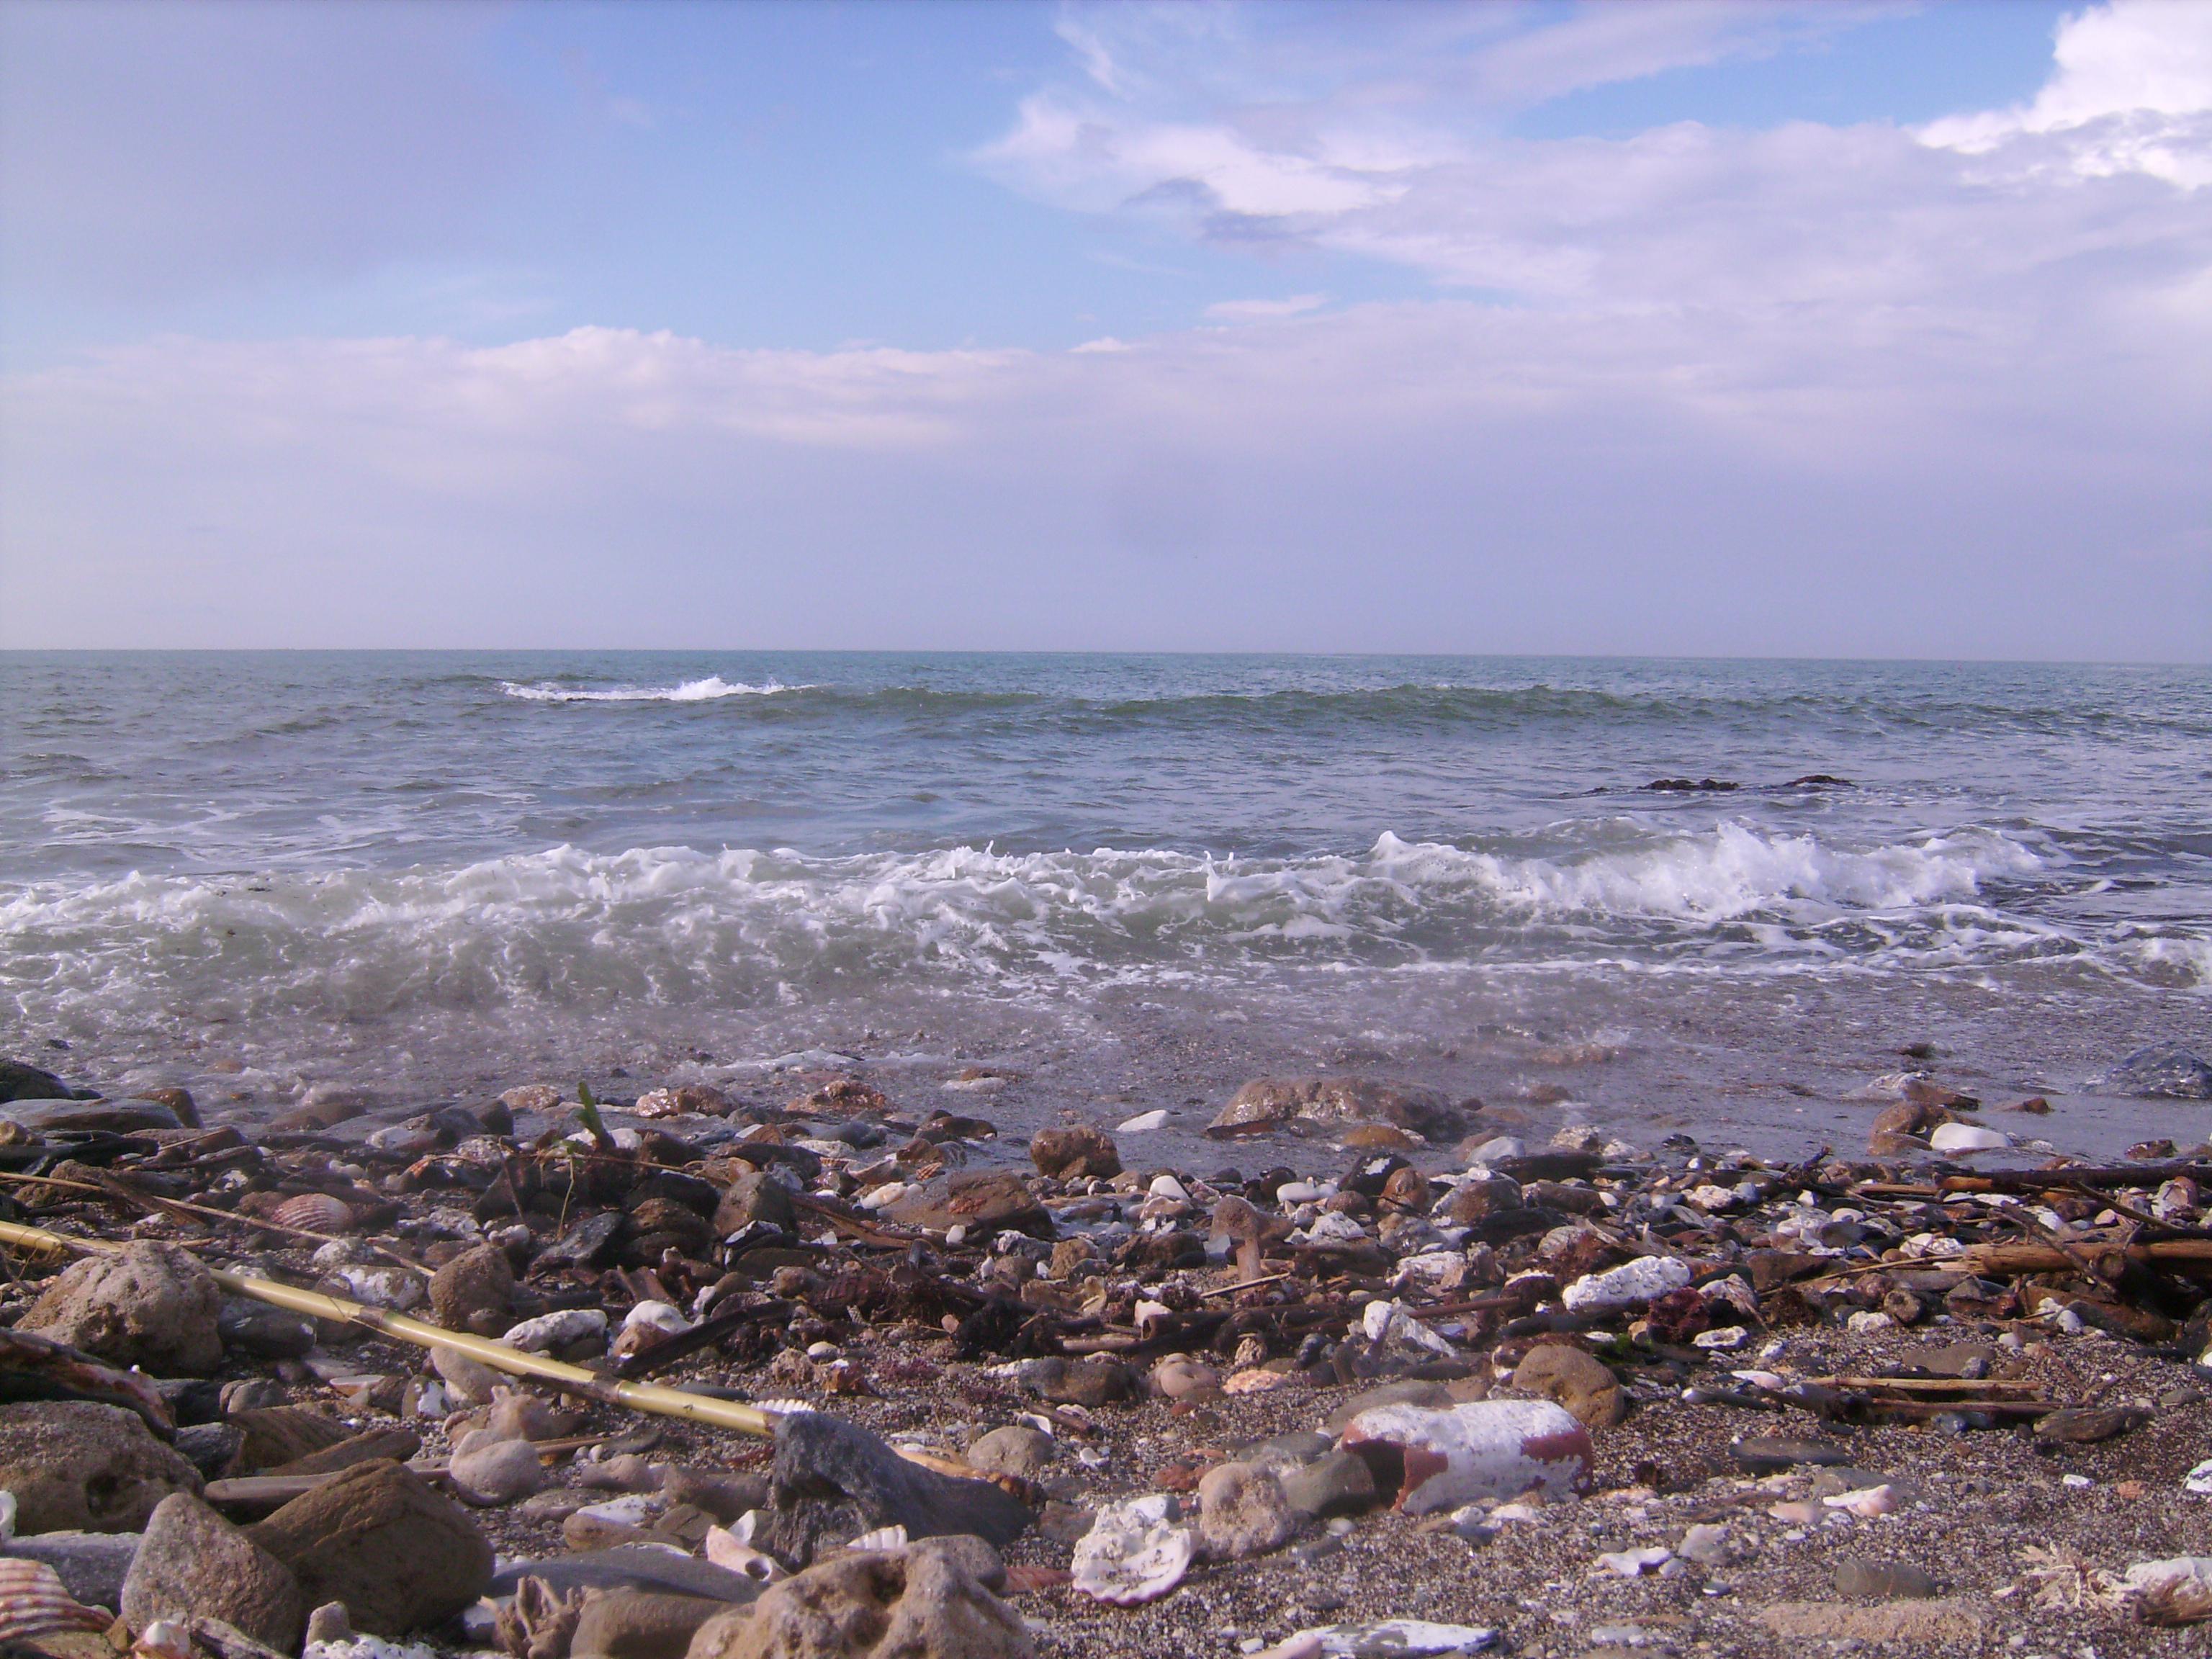 A tengeren dobol a vad tüzü Nap,<br />a tengert veri,tépi a szél,<br />a tenger tanítja a népdalokat,<br />a tenger íze,mint a vér.<br />